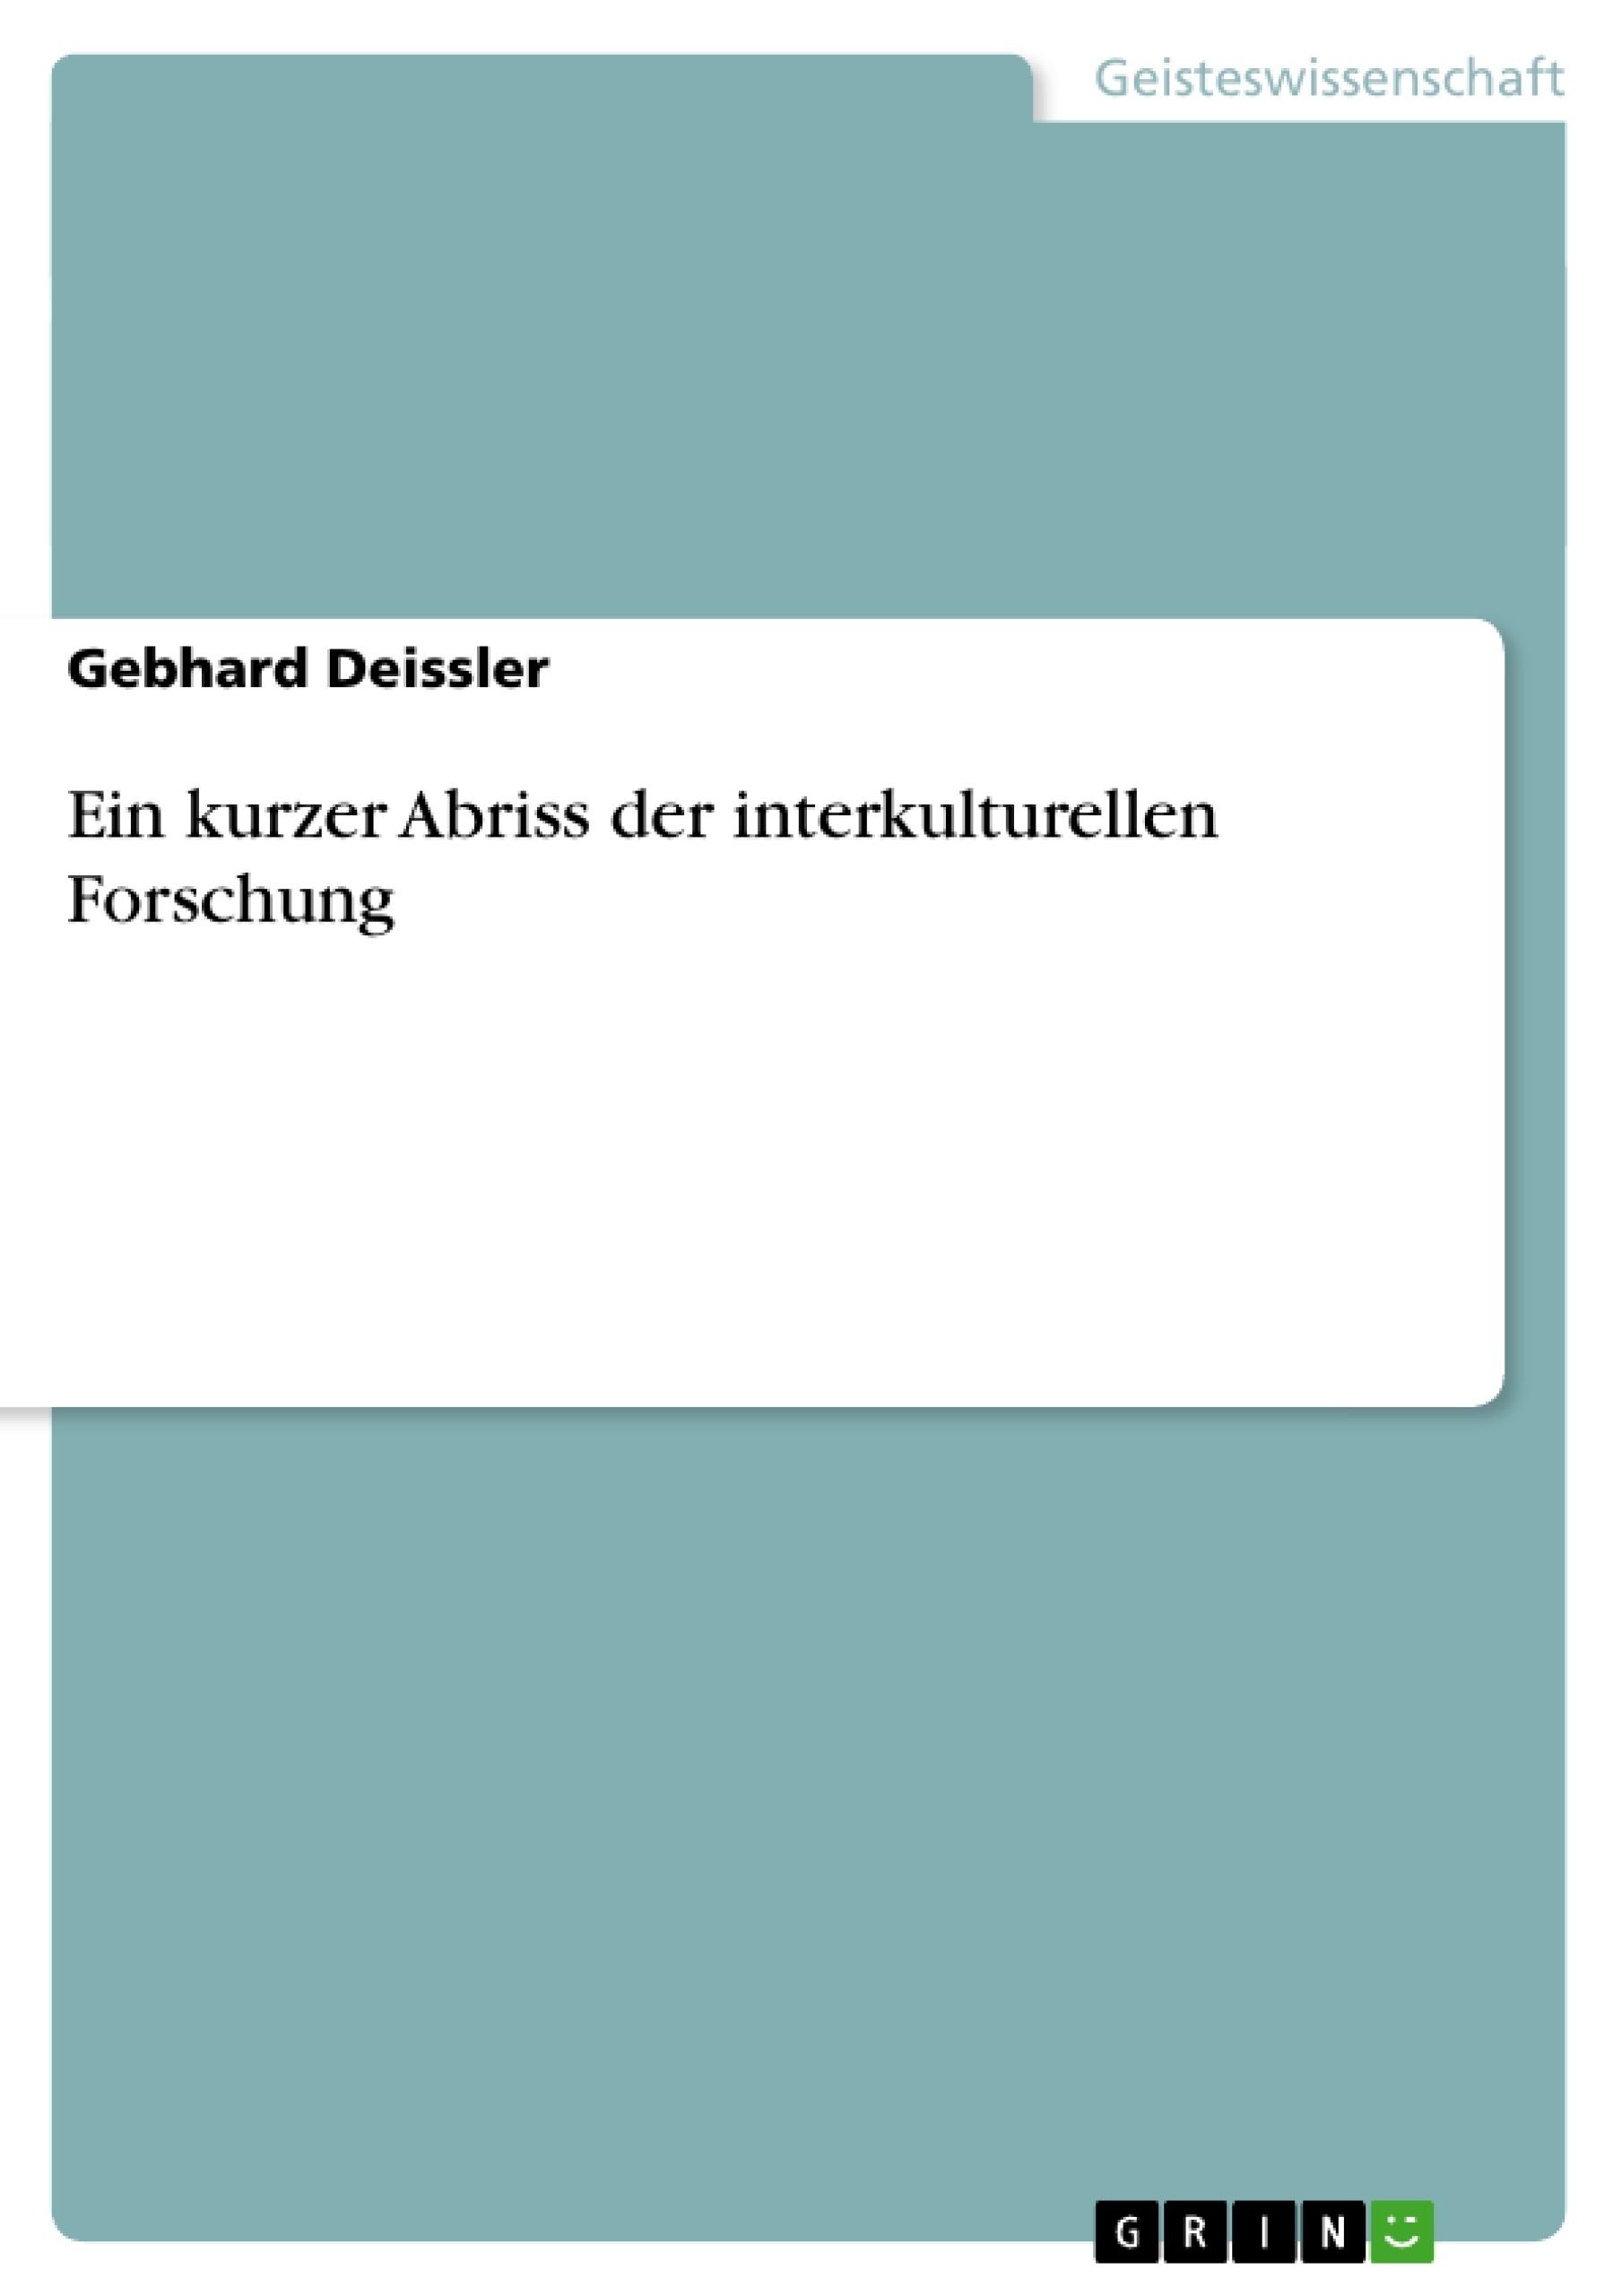 Titel: Ein kurzer Abriss der interkulturellen Forschung